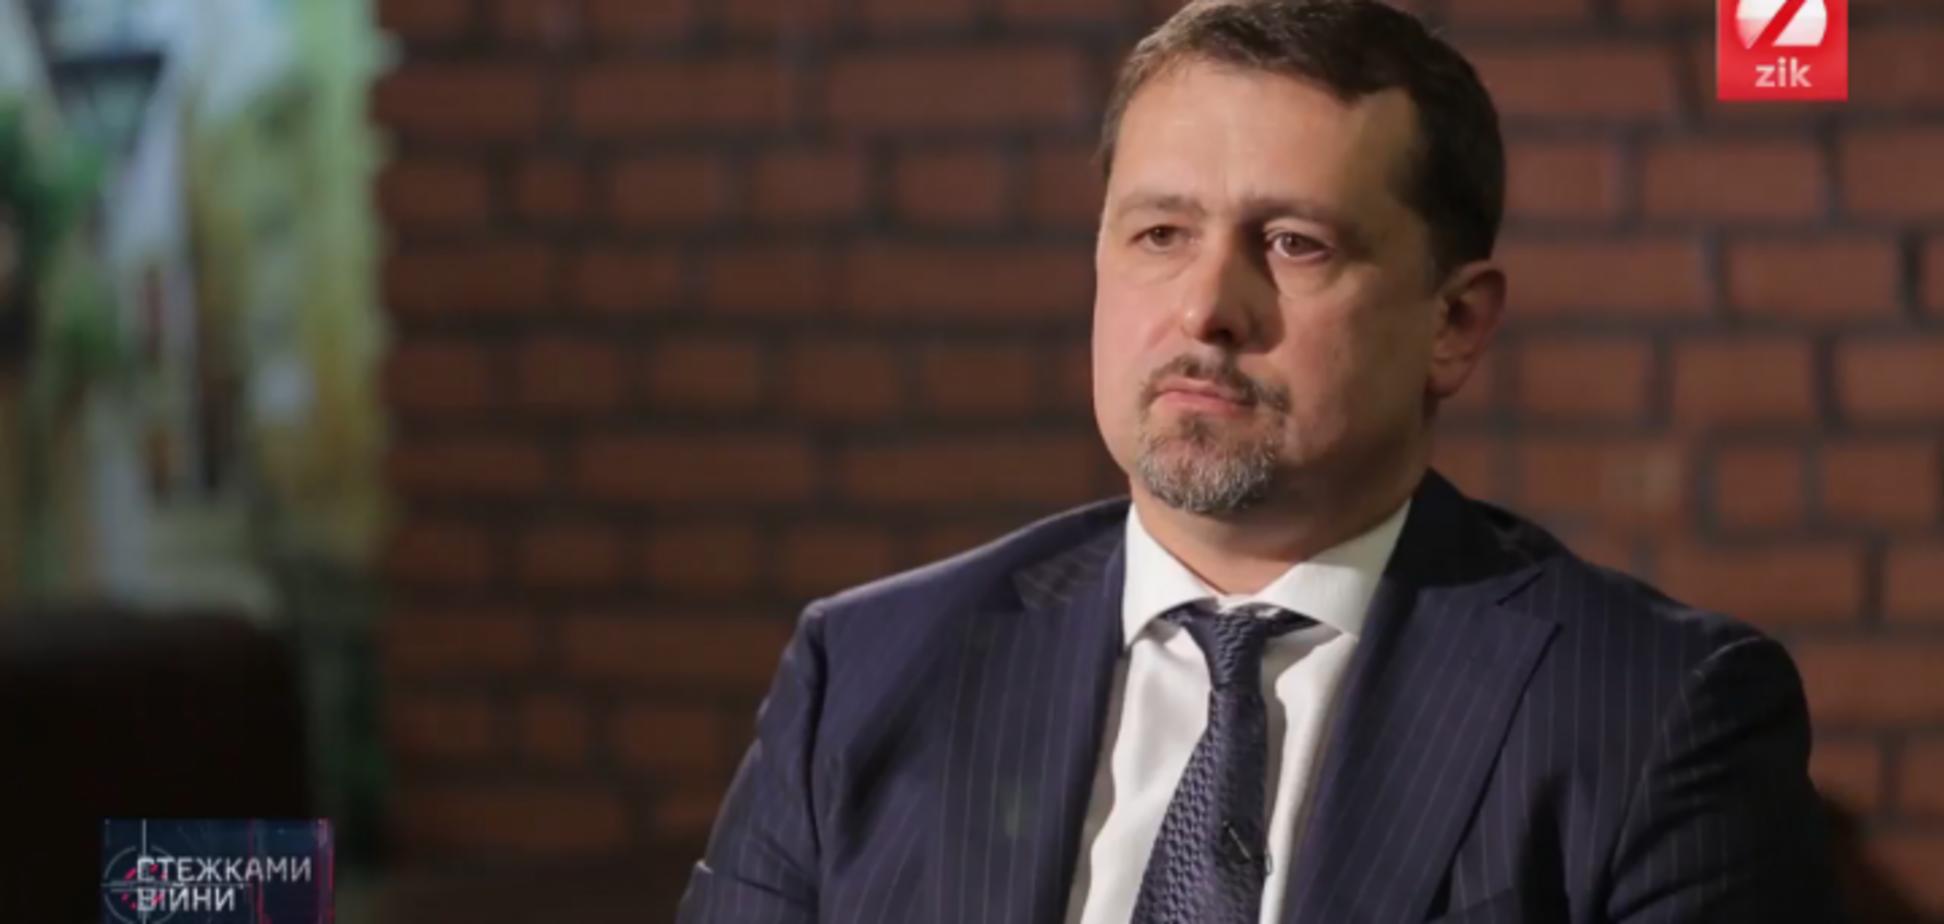 ''Це інша історія'': скандальний топ-чиновник СБУ виправдався за величезні статки